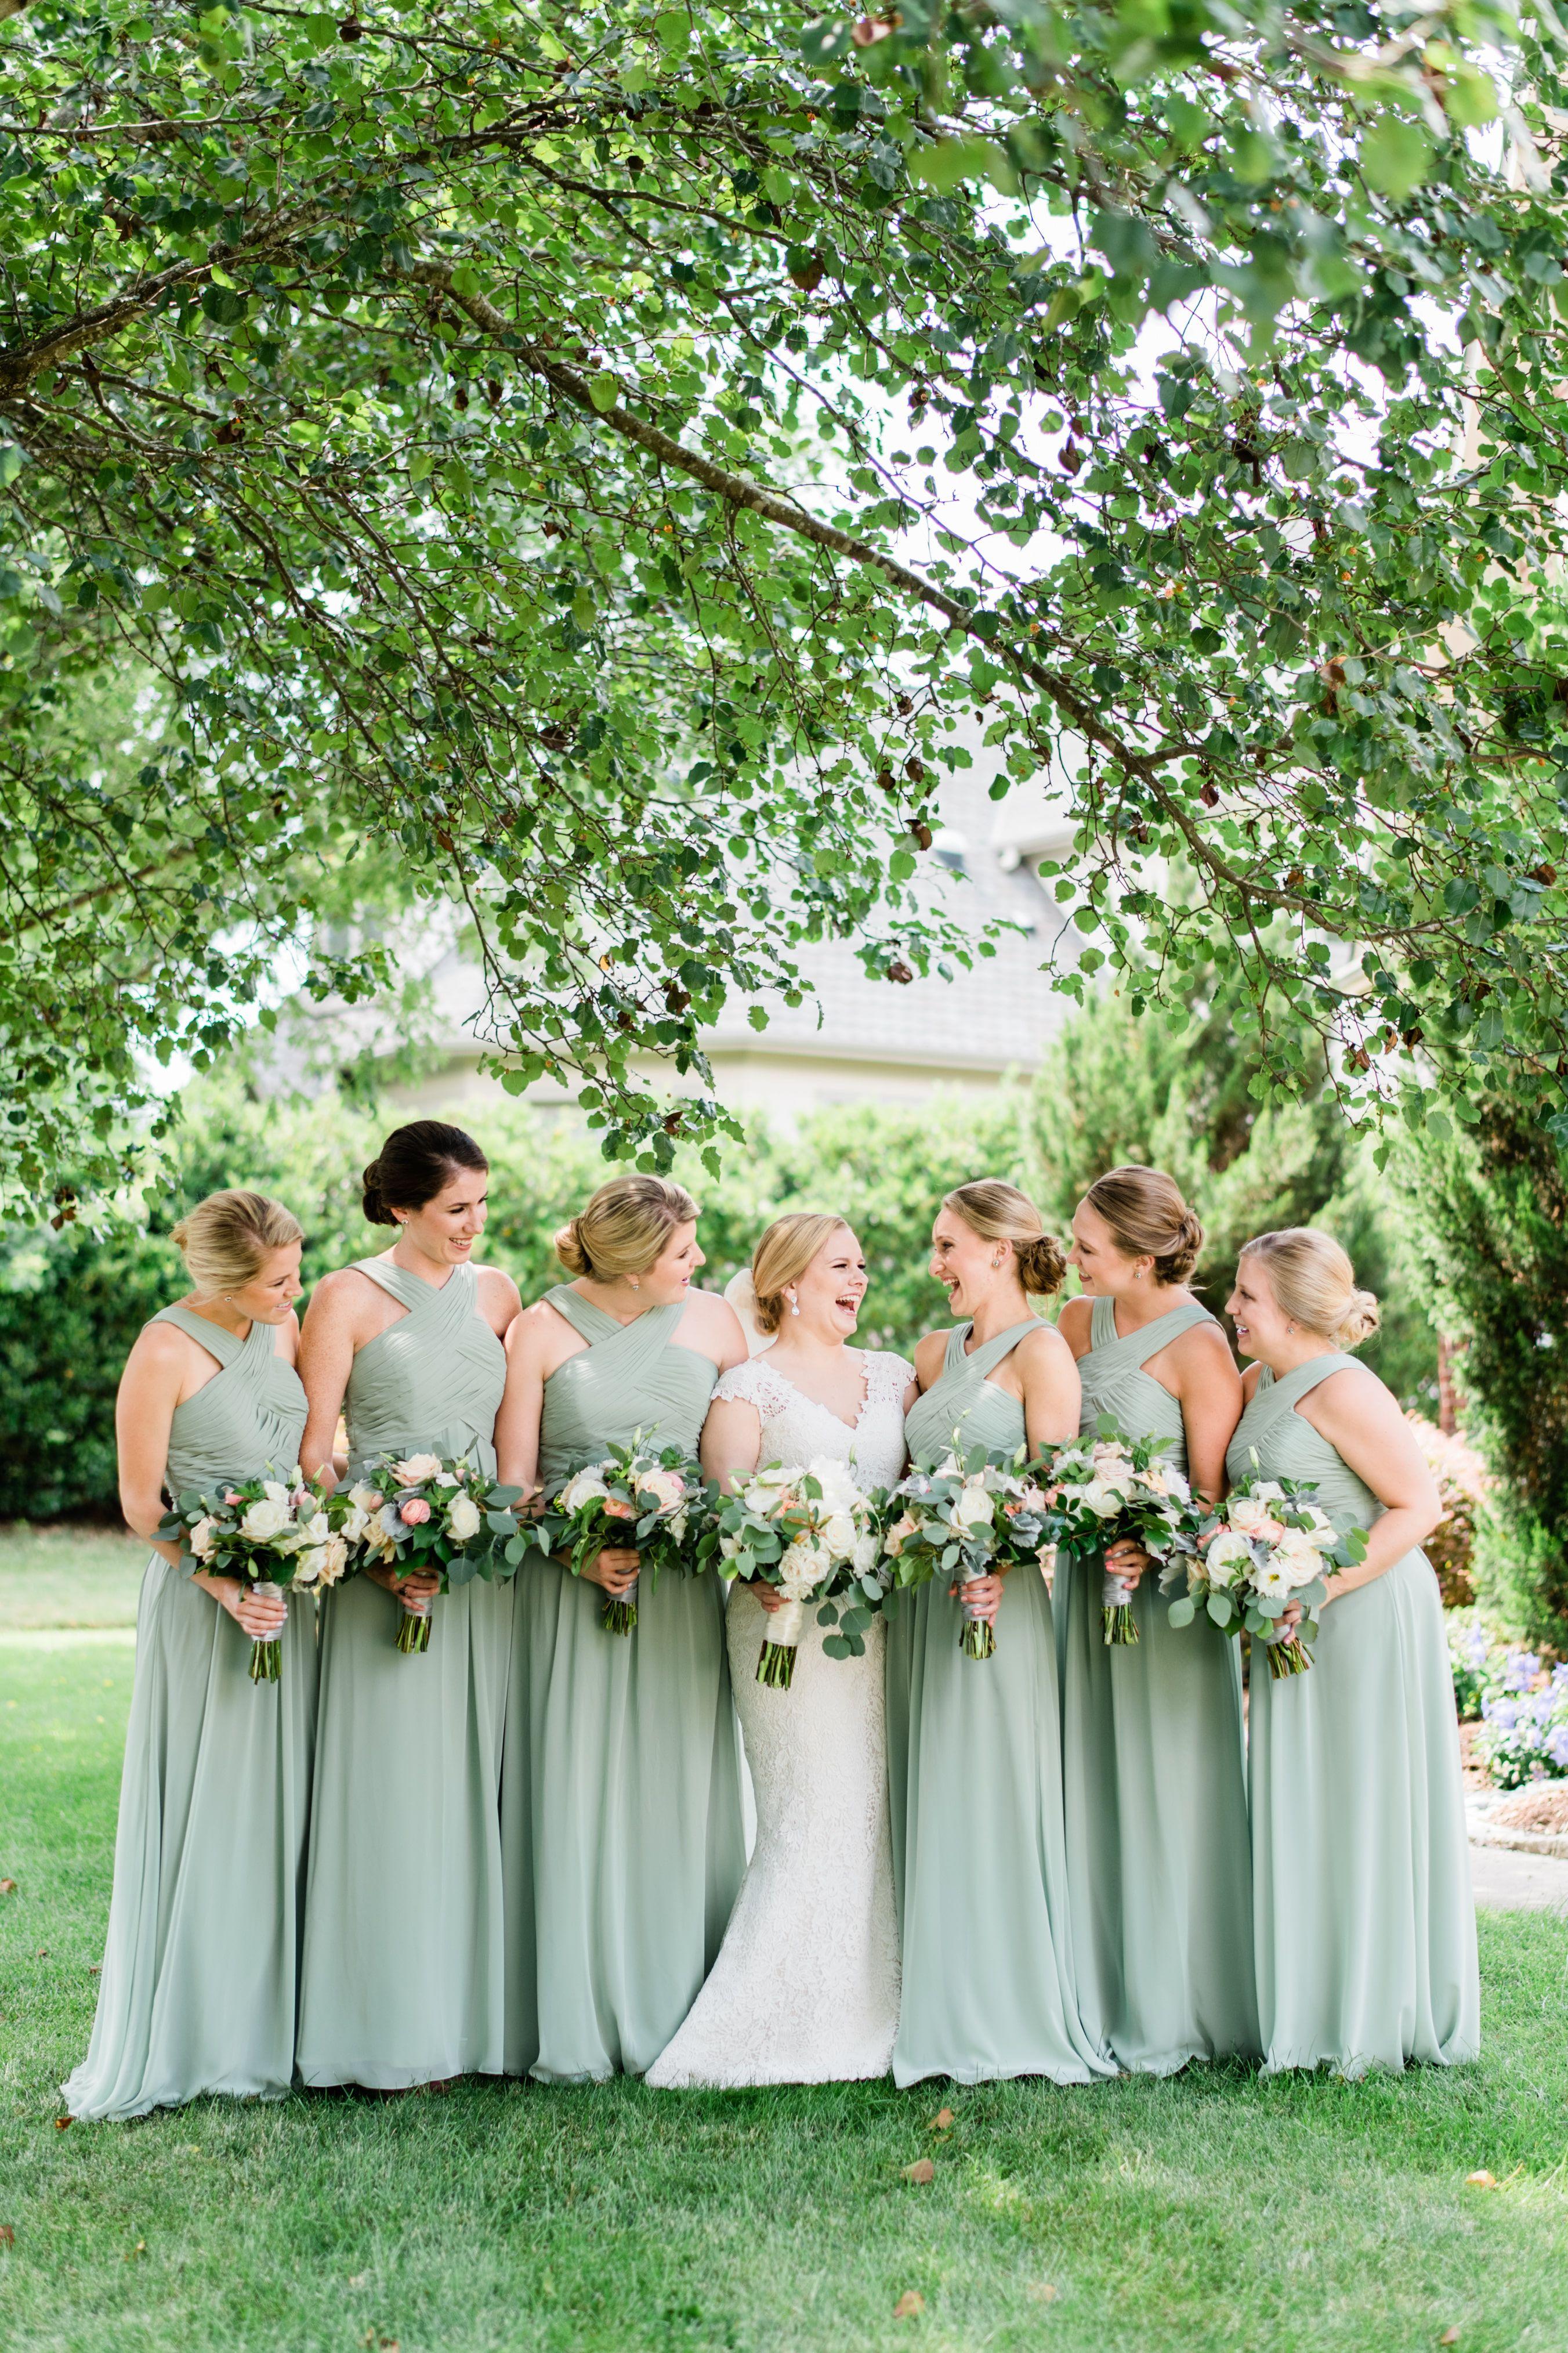 181f933568 Photographer  A.J. Dunlap Photograph Videographer  21 Films Florist  Brides  and Bouquets Hair Stylist